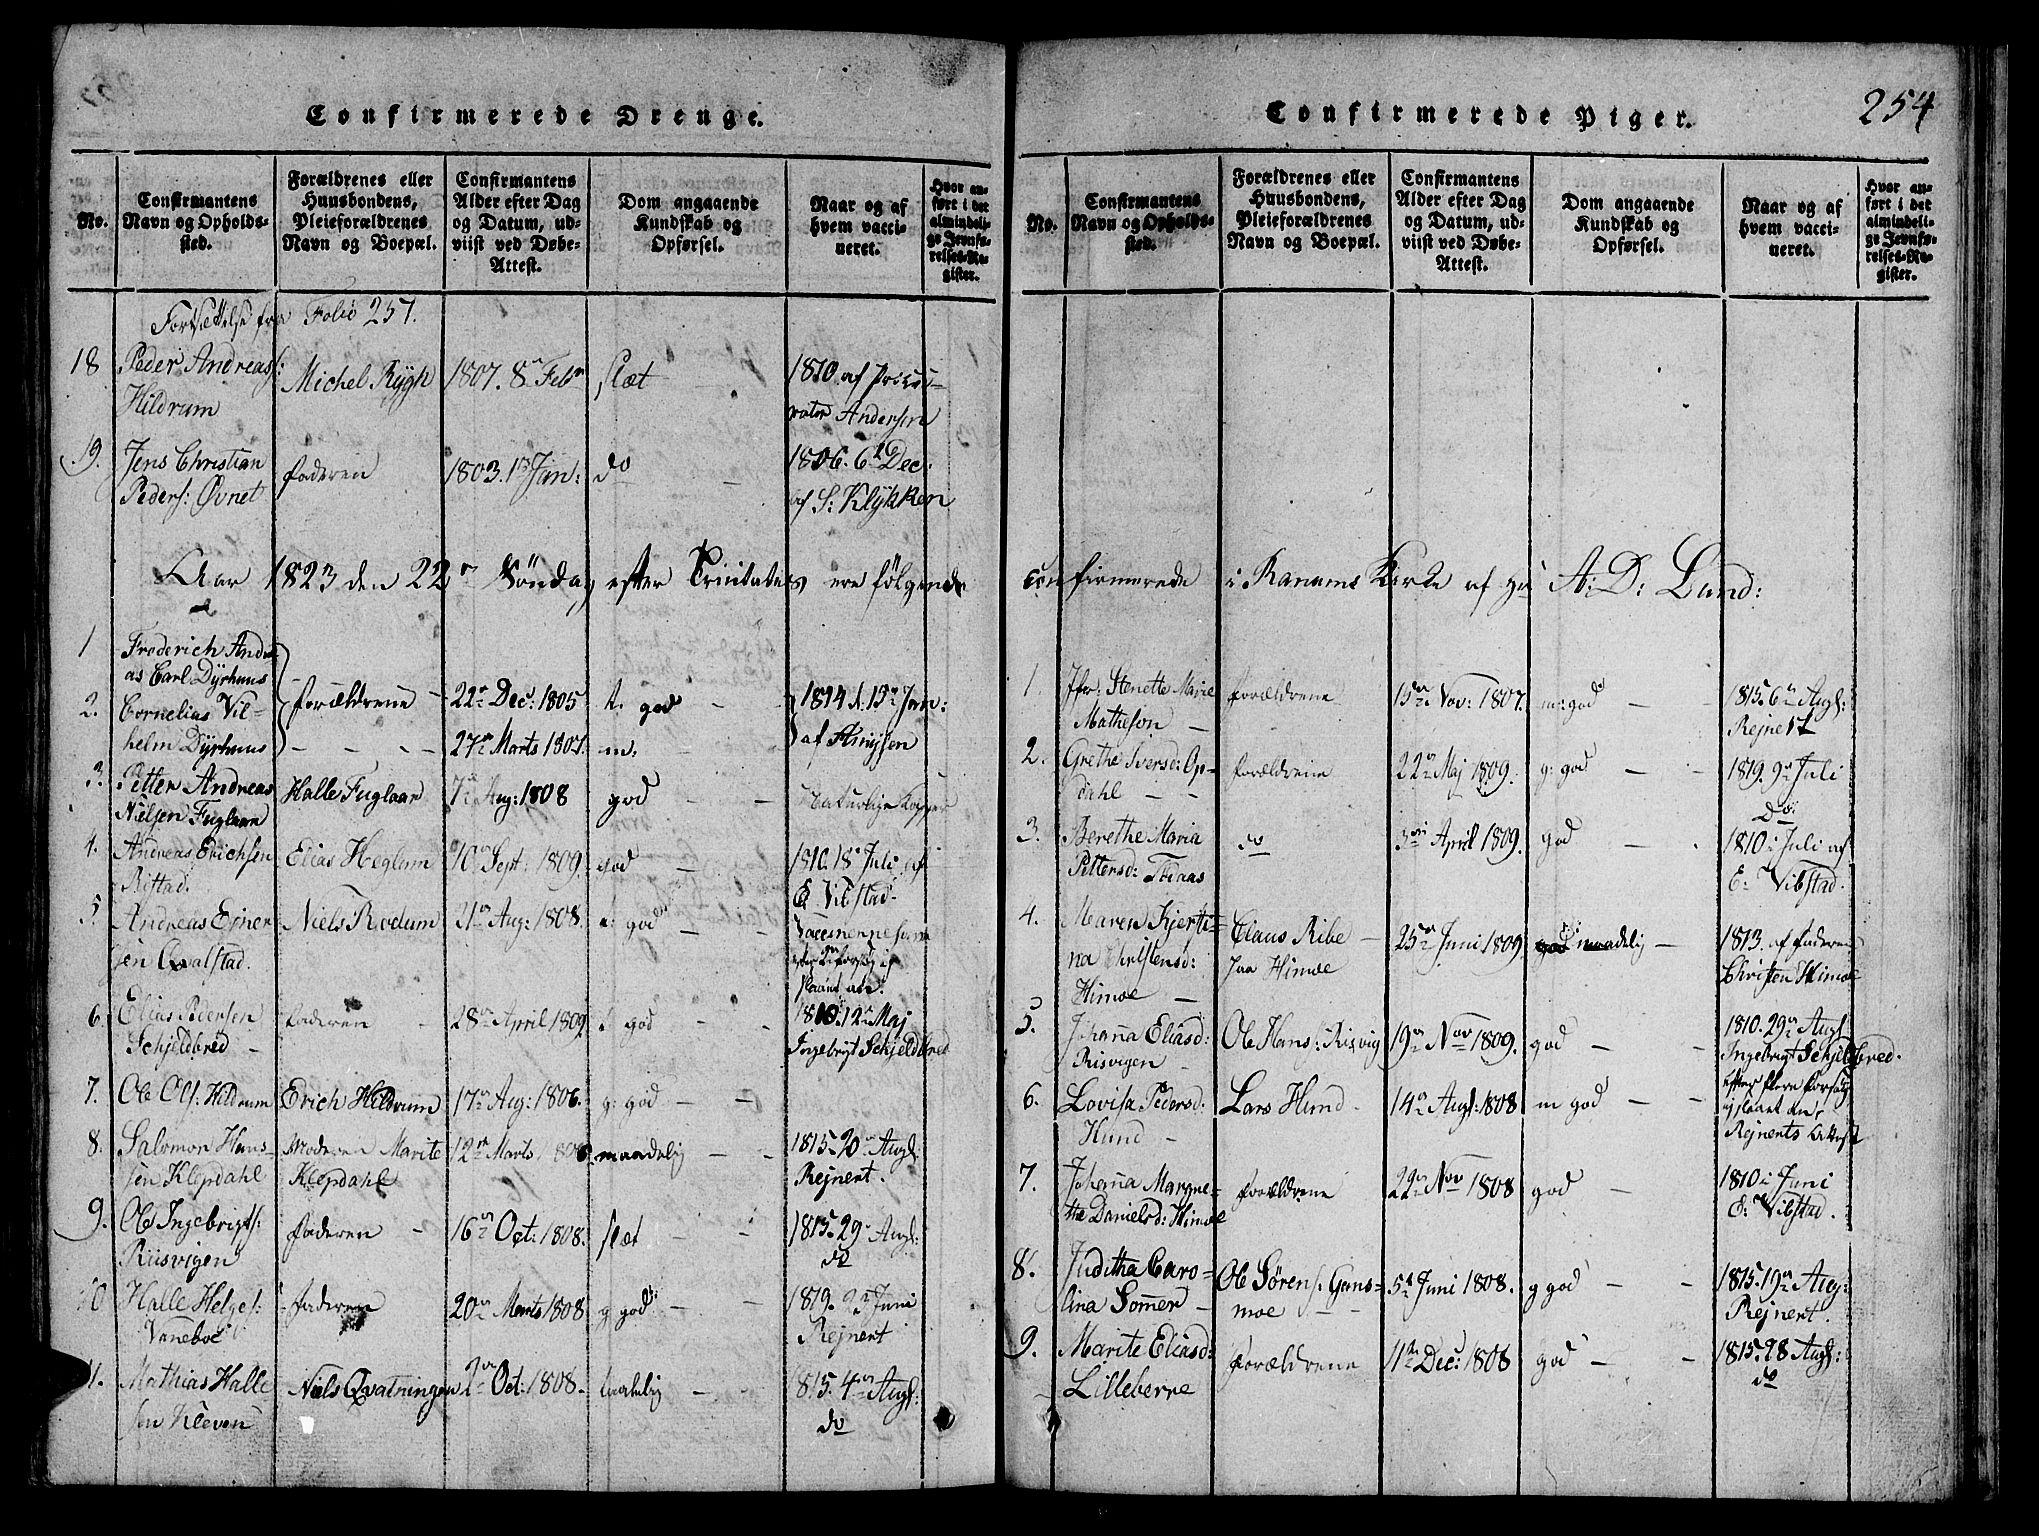 SAT, Ministerialprotokoller, klokkerbøker og fødselsregistre - Nord-Trøndelag, 764/L0546: Ministerialbok nr. 764A06 /1, 1816-1823, s. 254